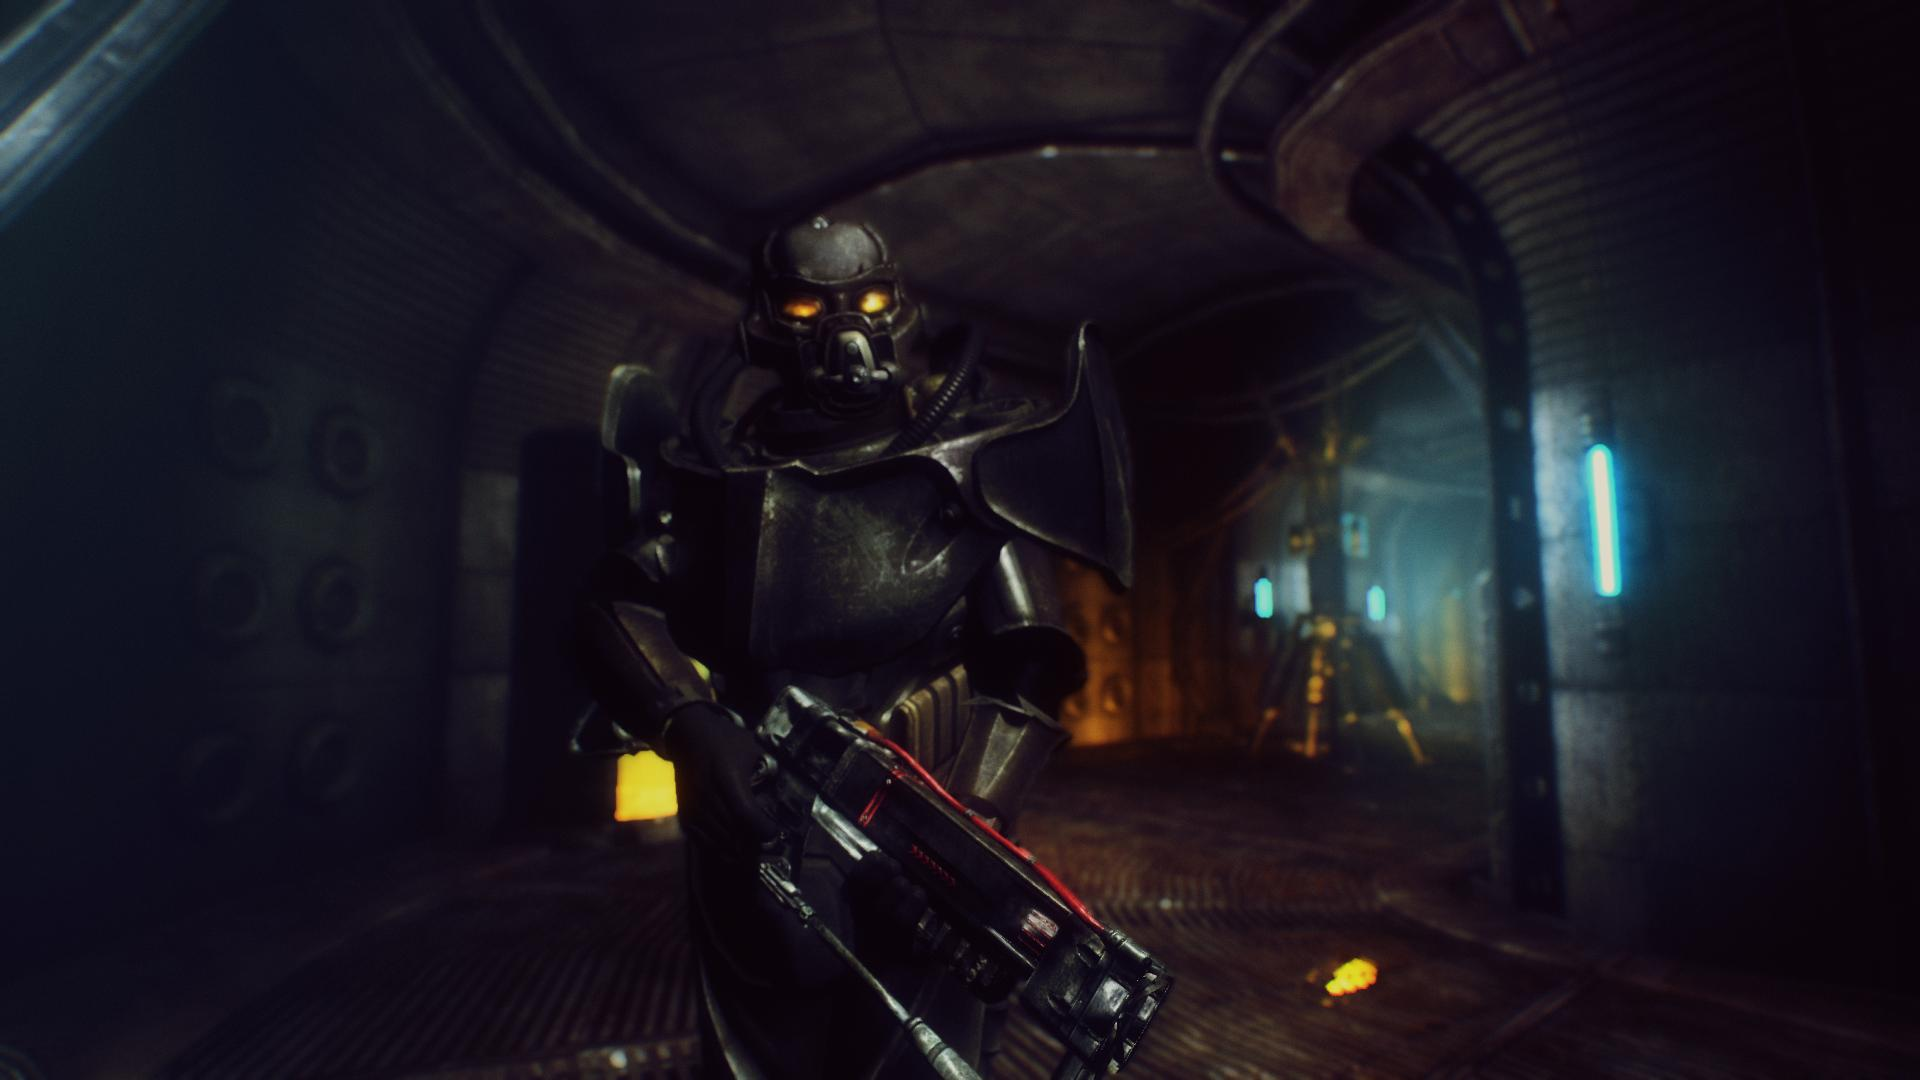 Fallout 3 Qualche Mod Per Riaccendere La Vostra Passione